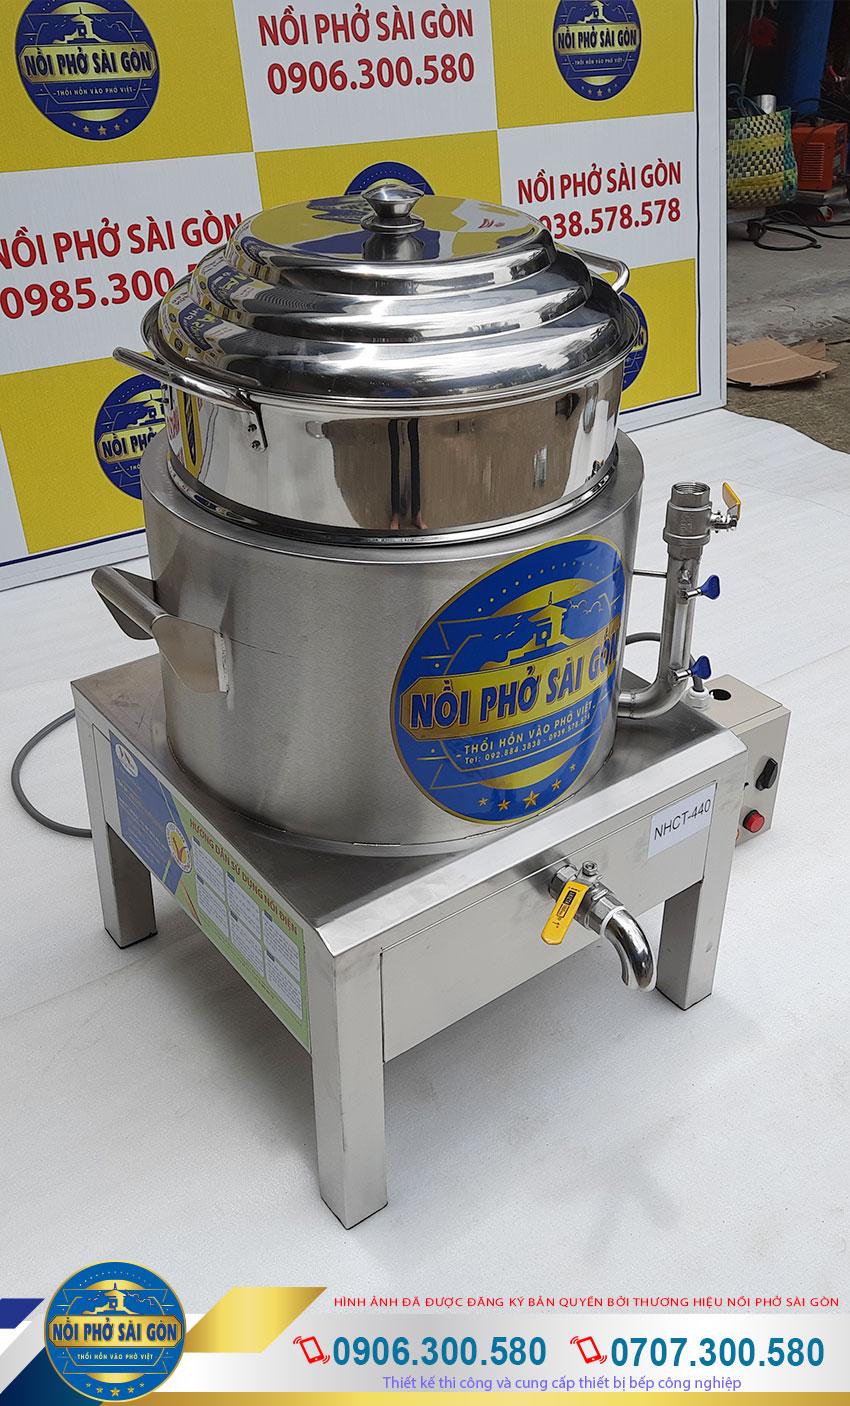 Thương hiệu Nồi Phở Sài Gòn - Địa chỉ mua nồi hấp bánh bao bằng điện, nồi hấp bánh bao công nghiệp, nồi hấp điện công nghiệp chất lượng giá tốt tại TPHCM.